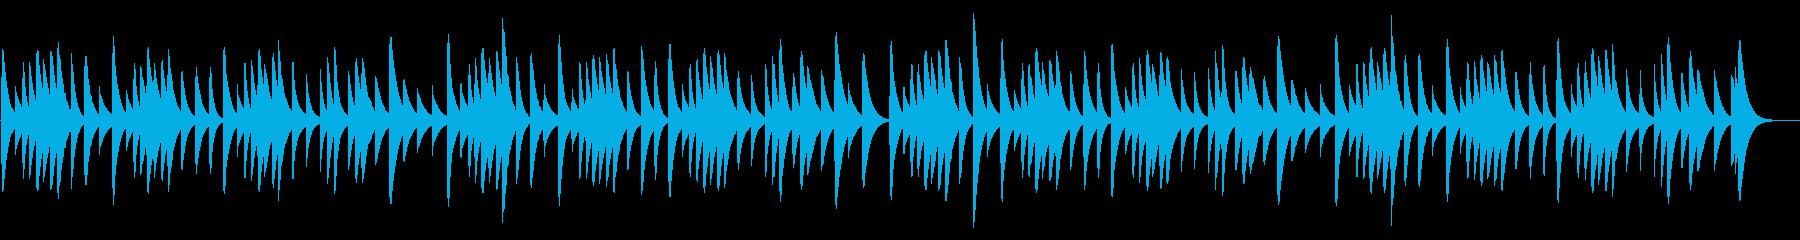 愛の挨拶 18弁オルゴール の再生済みの波形